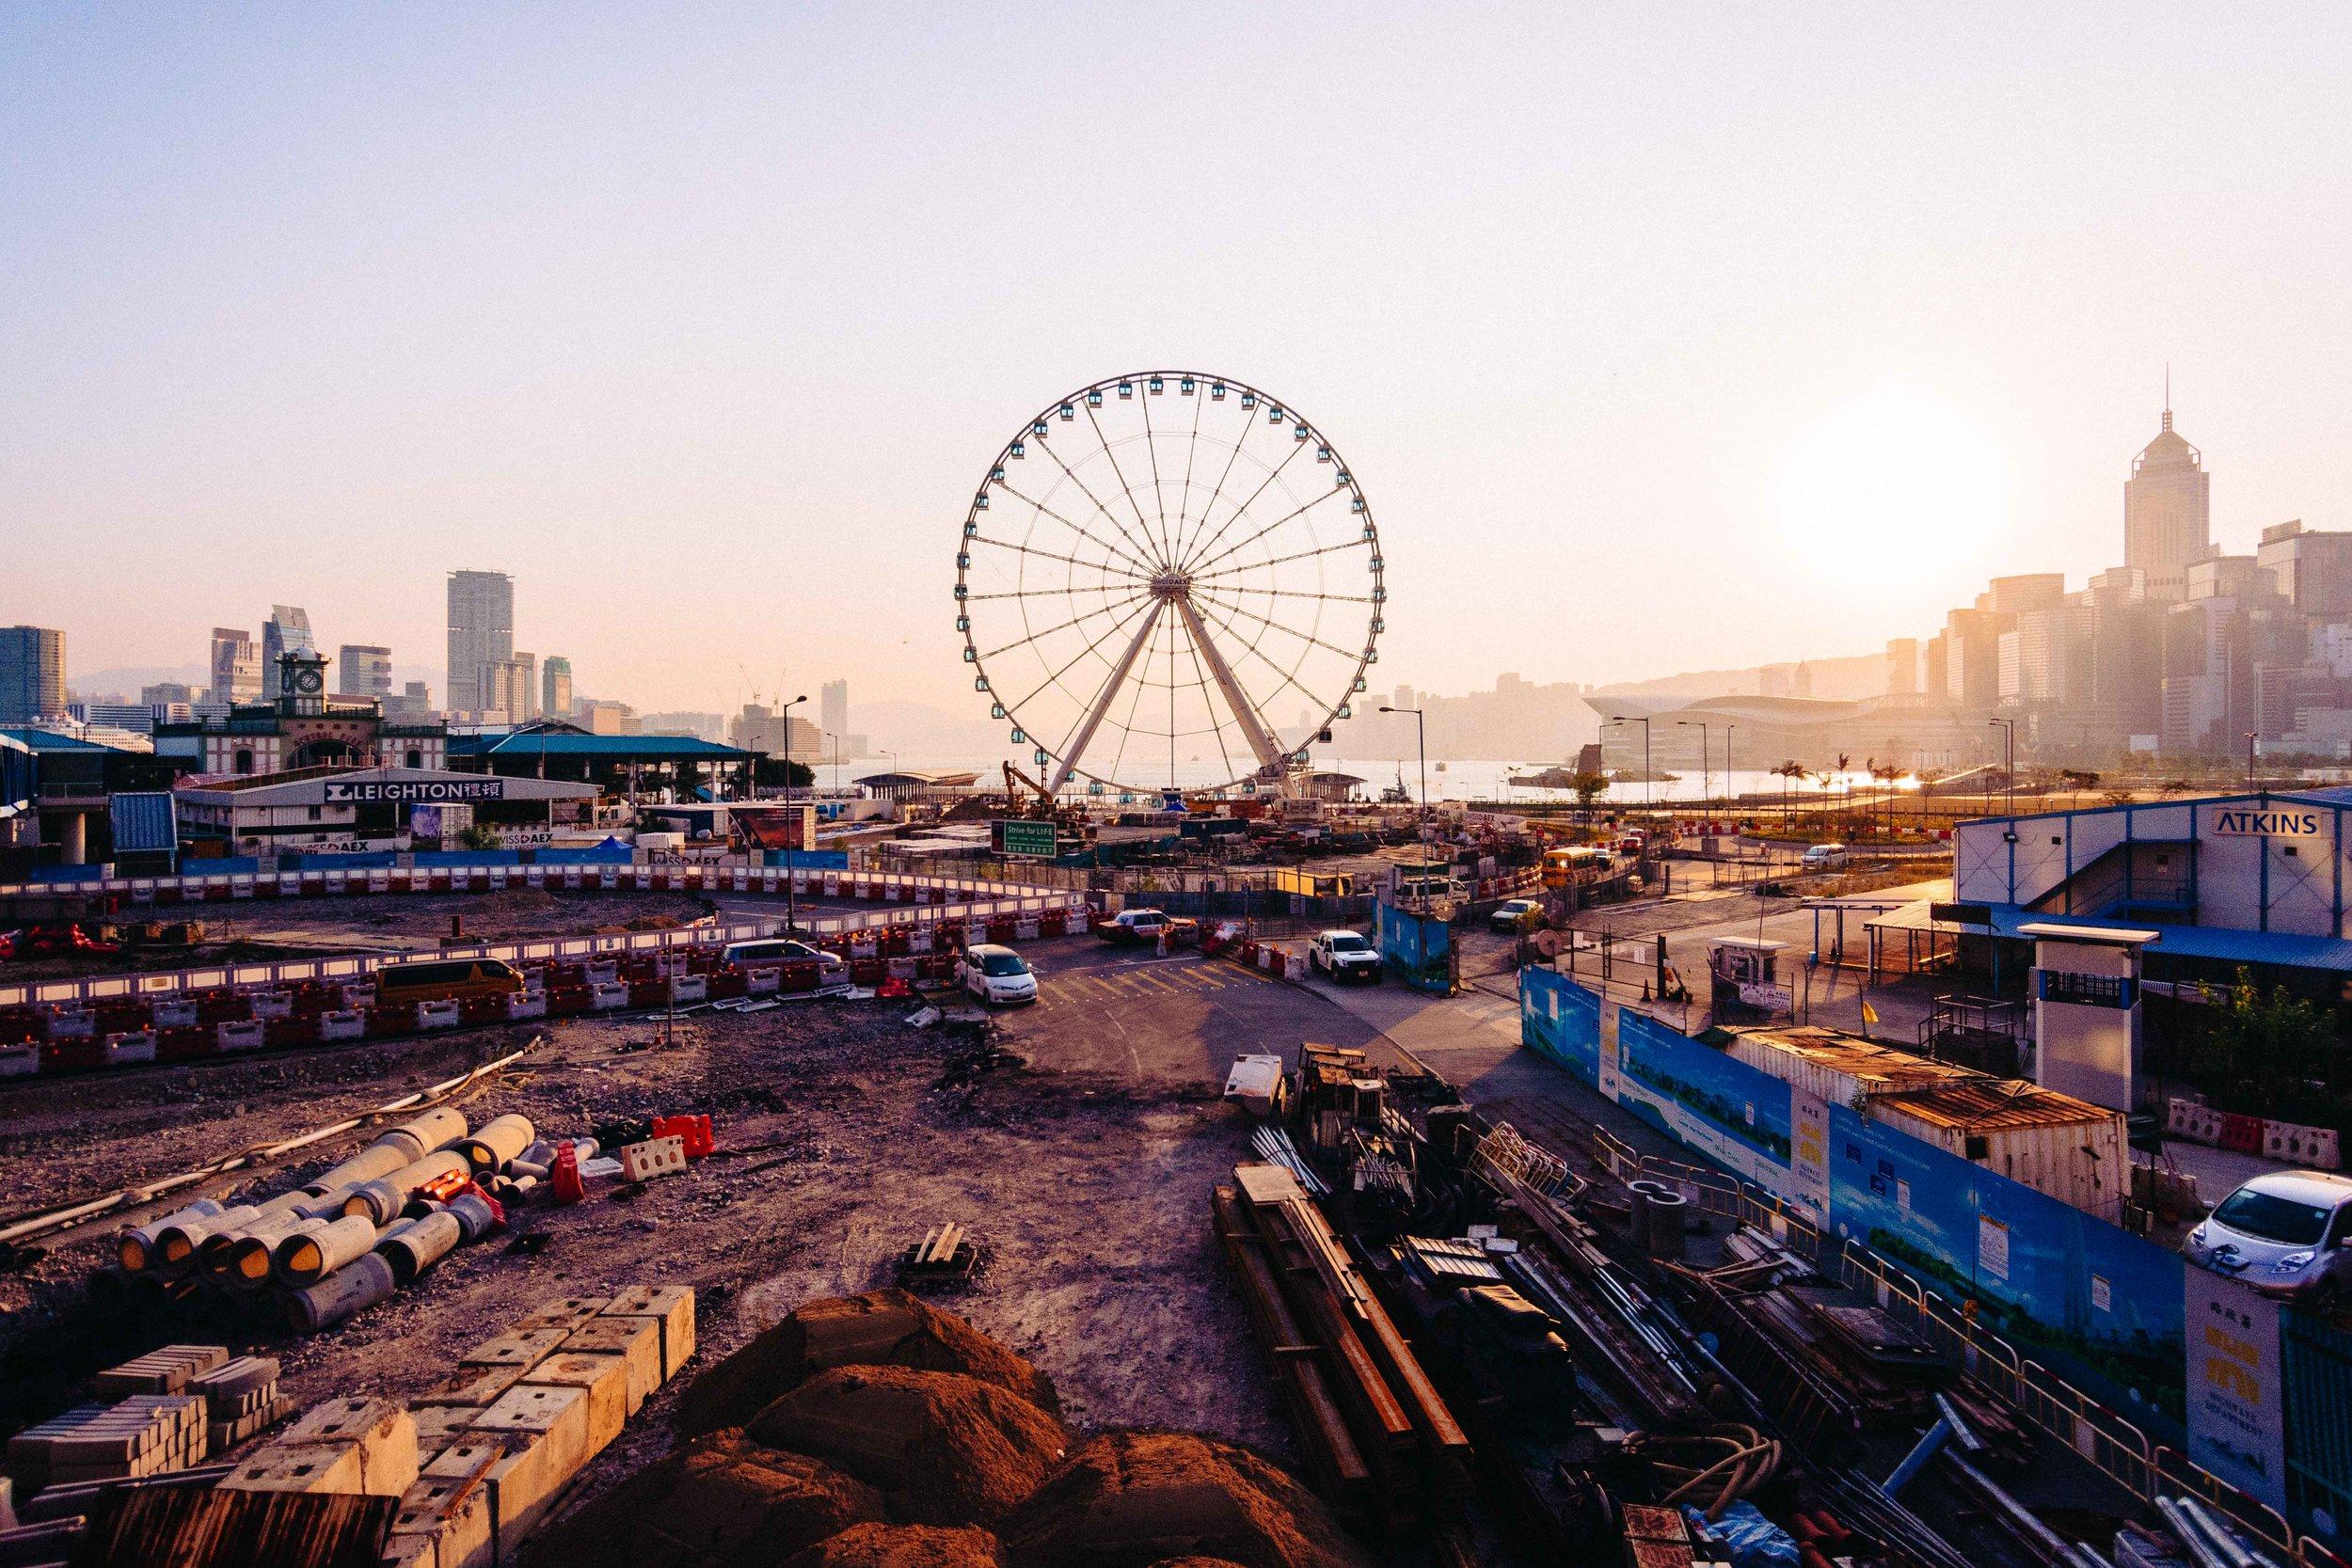 Hong Kong Observation Wheel, Central, Hong Kong